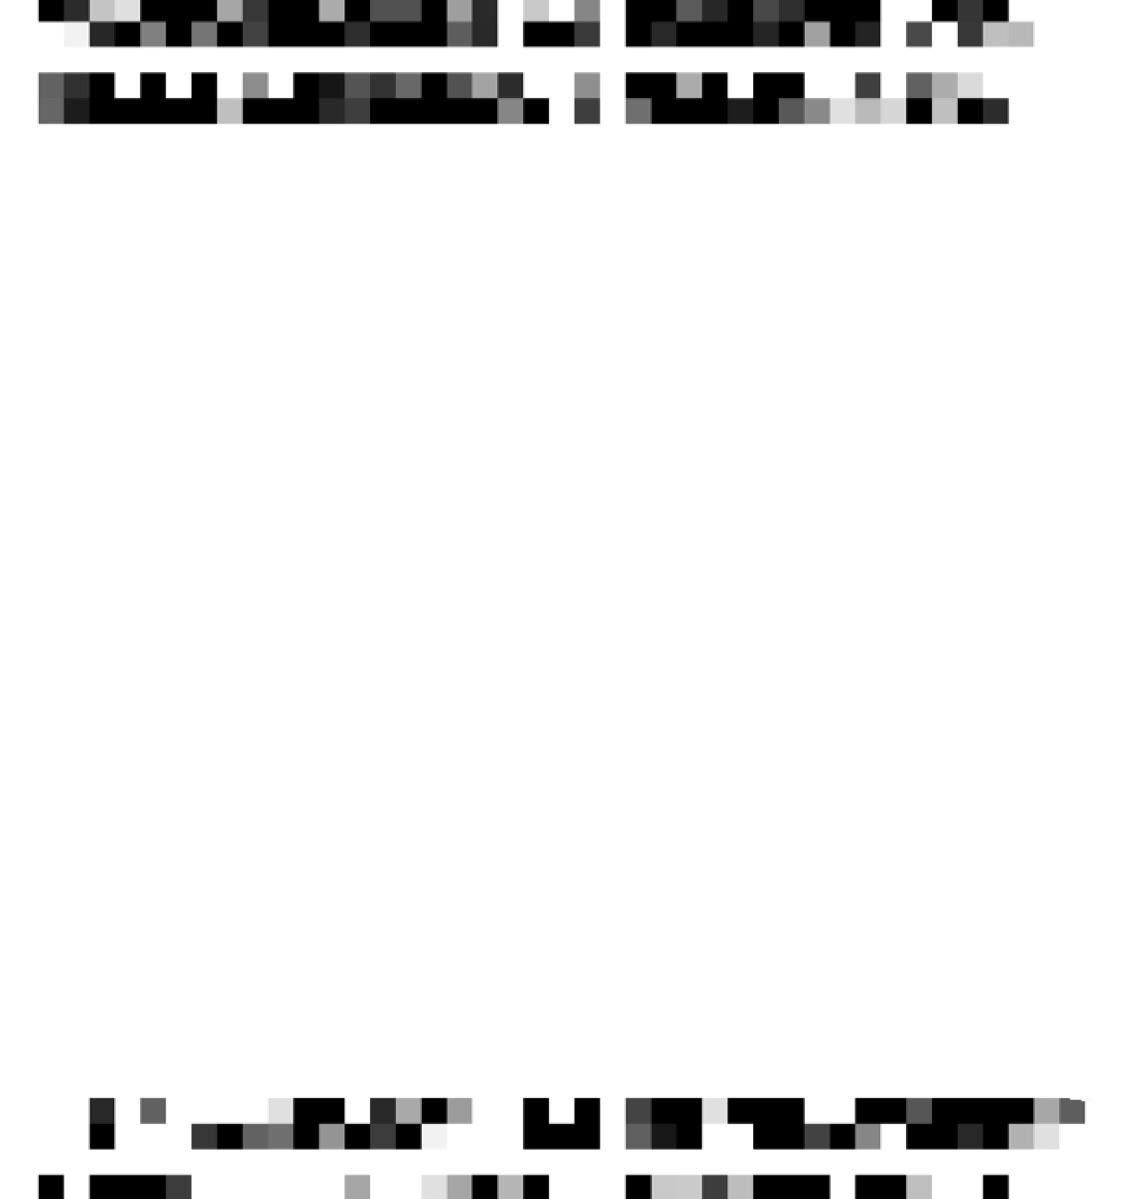 記事を投稿したては広告が表示されるであろう箇所が空白になっている。しばらくするとこの空白だった部分に広告が表示されるようになるようだ。